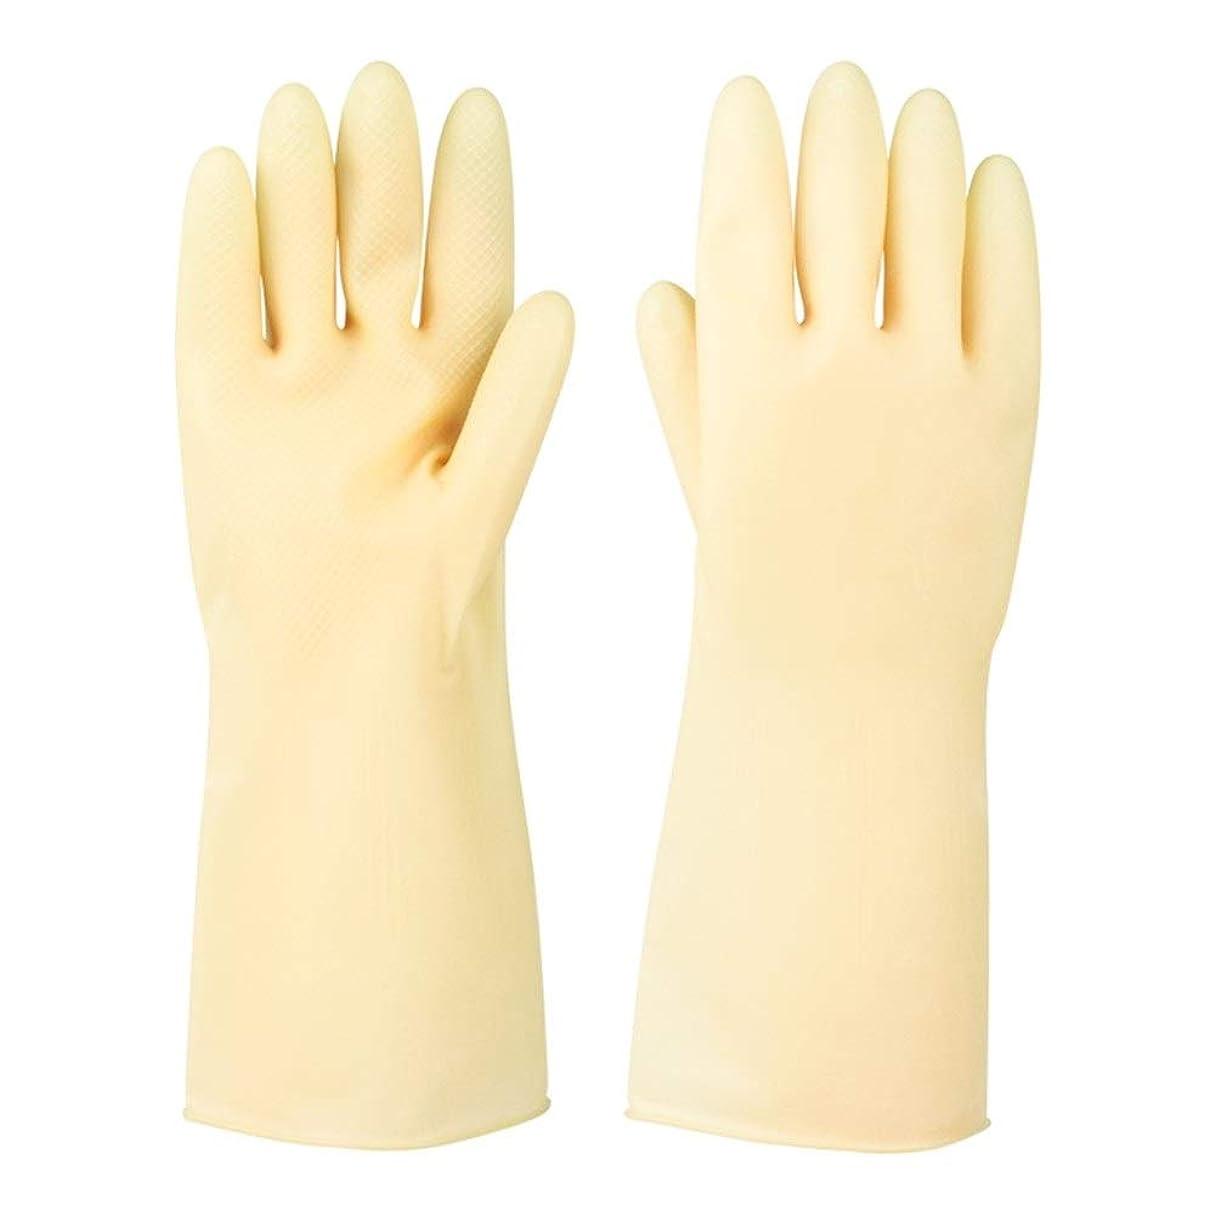 美容師ディレクトリする必要があるニトリルゴム手袋 ラバーレザーグローブ厚めの滑り止め耐摩耗性防水保護手袋、5ペア 使い捨て手袋 (Color : 5 pair, Size : S)